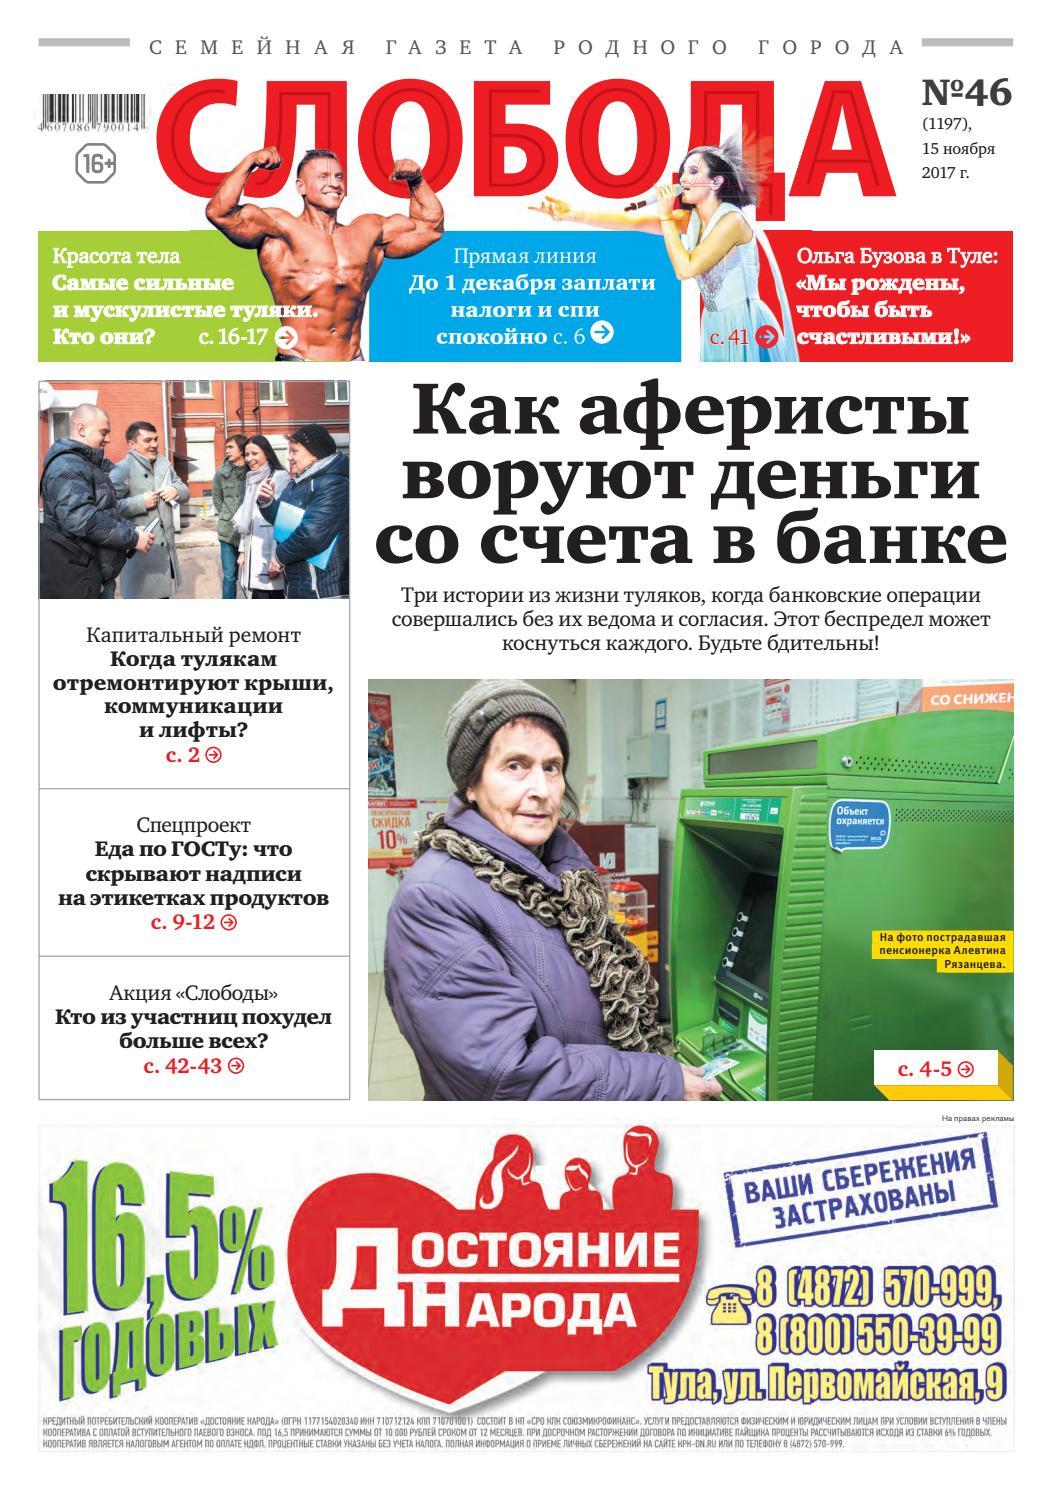 Слобода №46 (1197)  Как аферисты воруют деньги со счета в банке by Газета